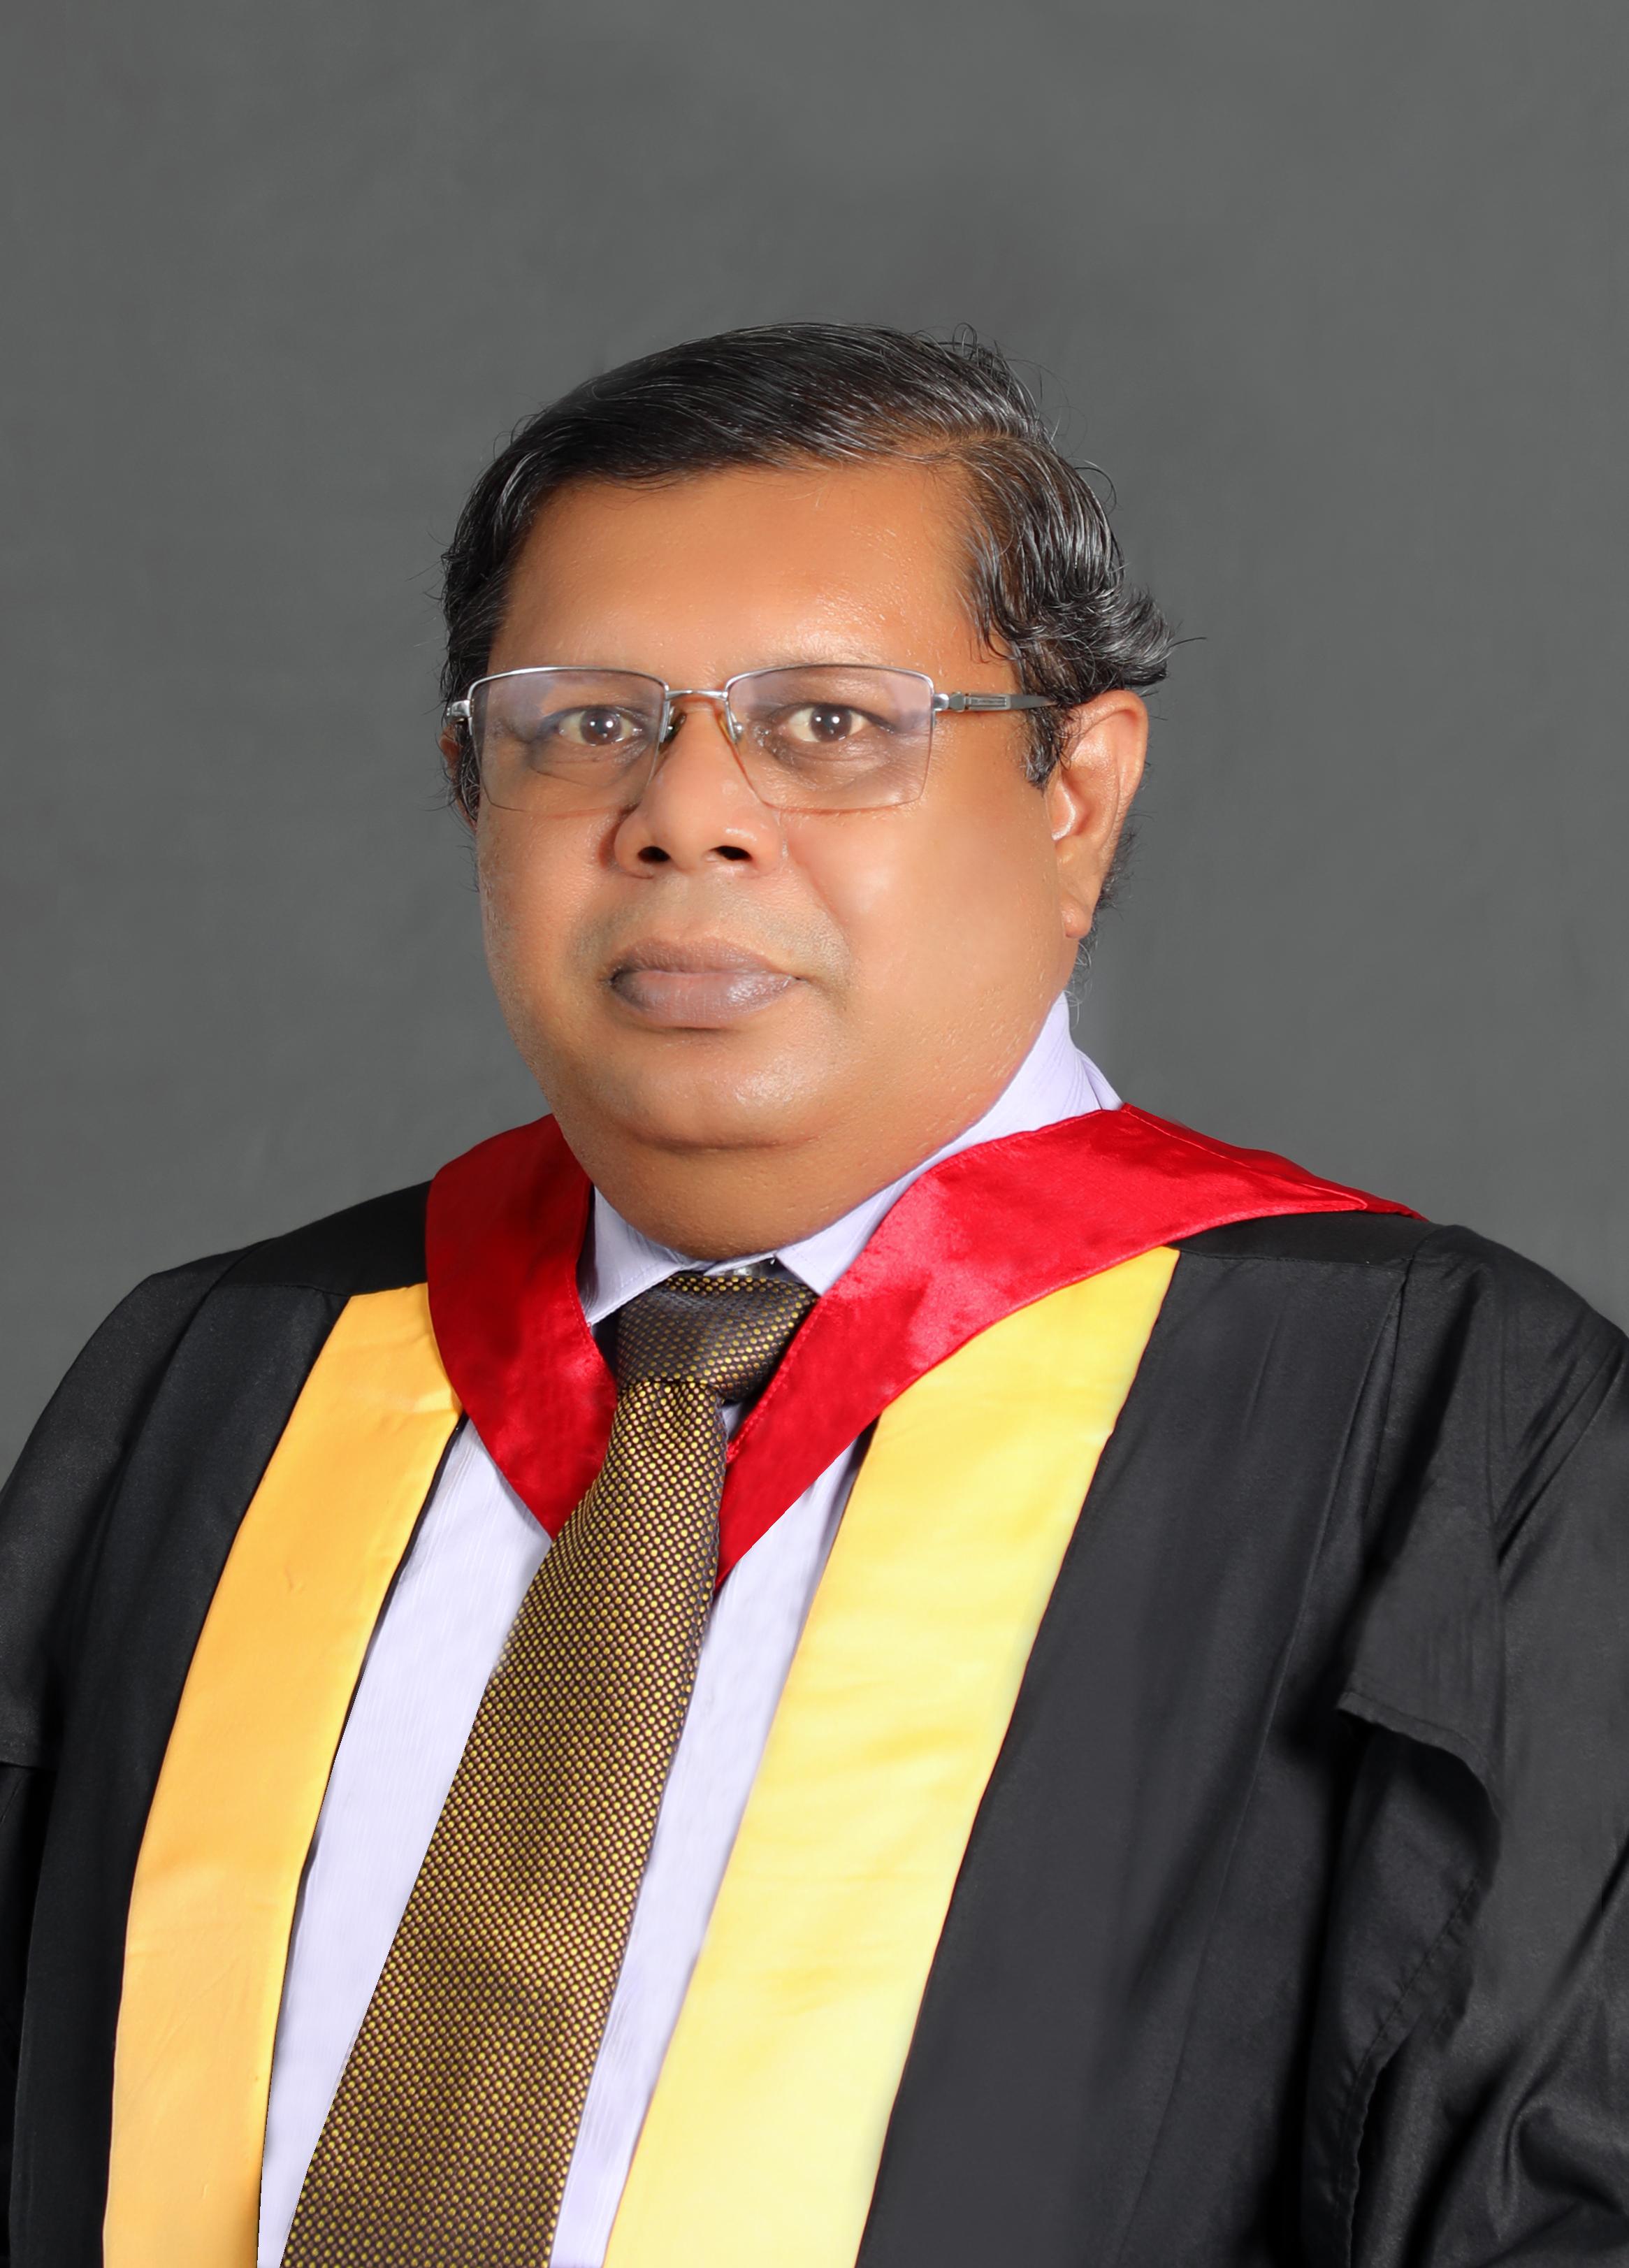 Jayawardena T.S.S.